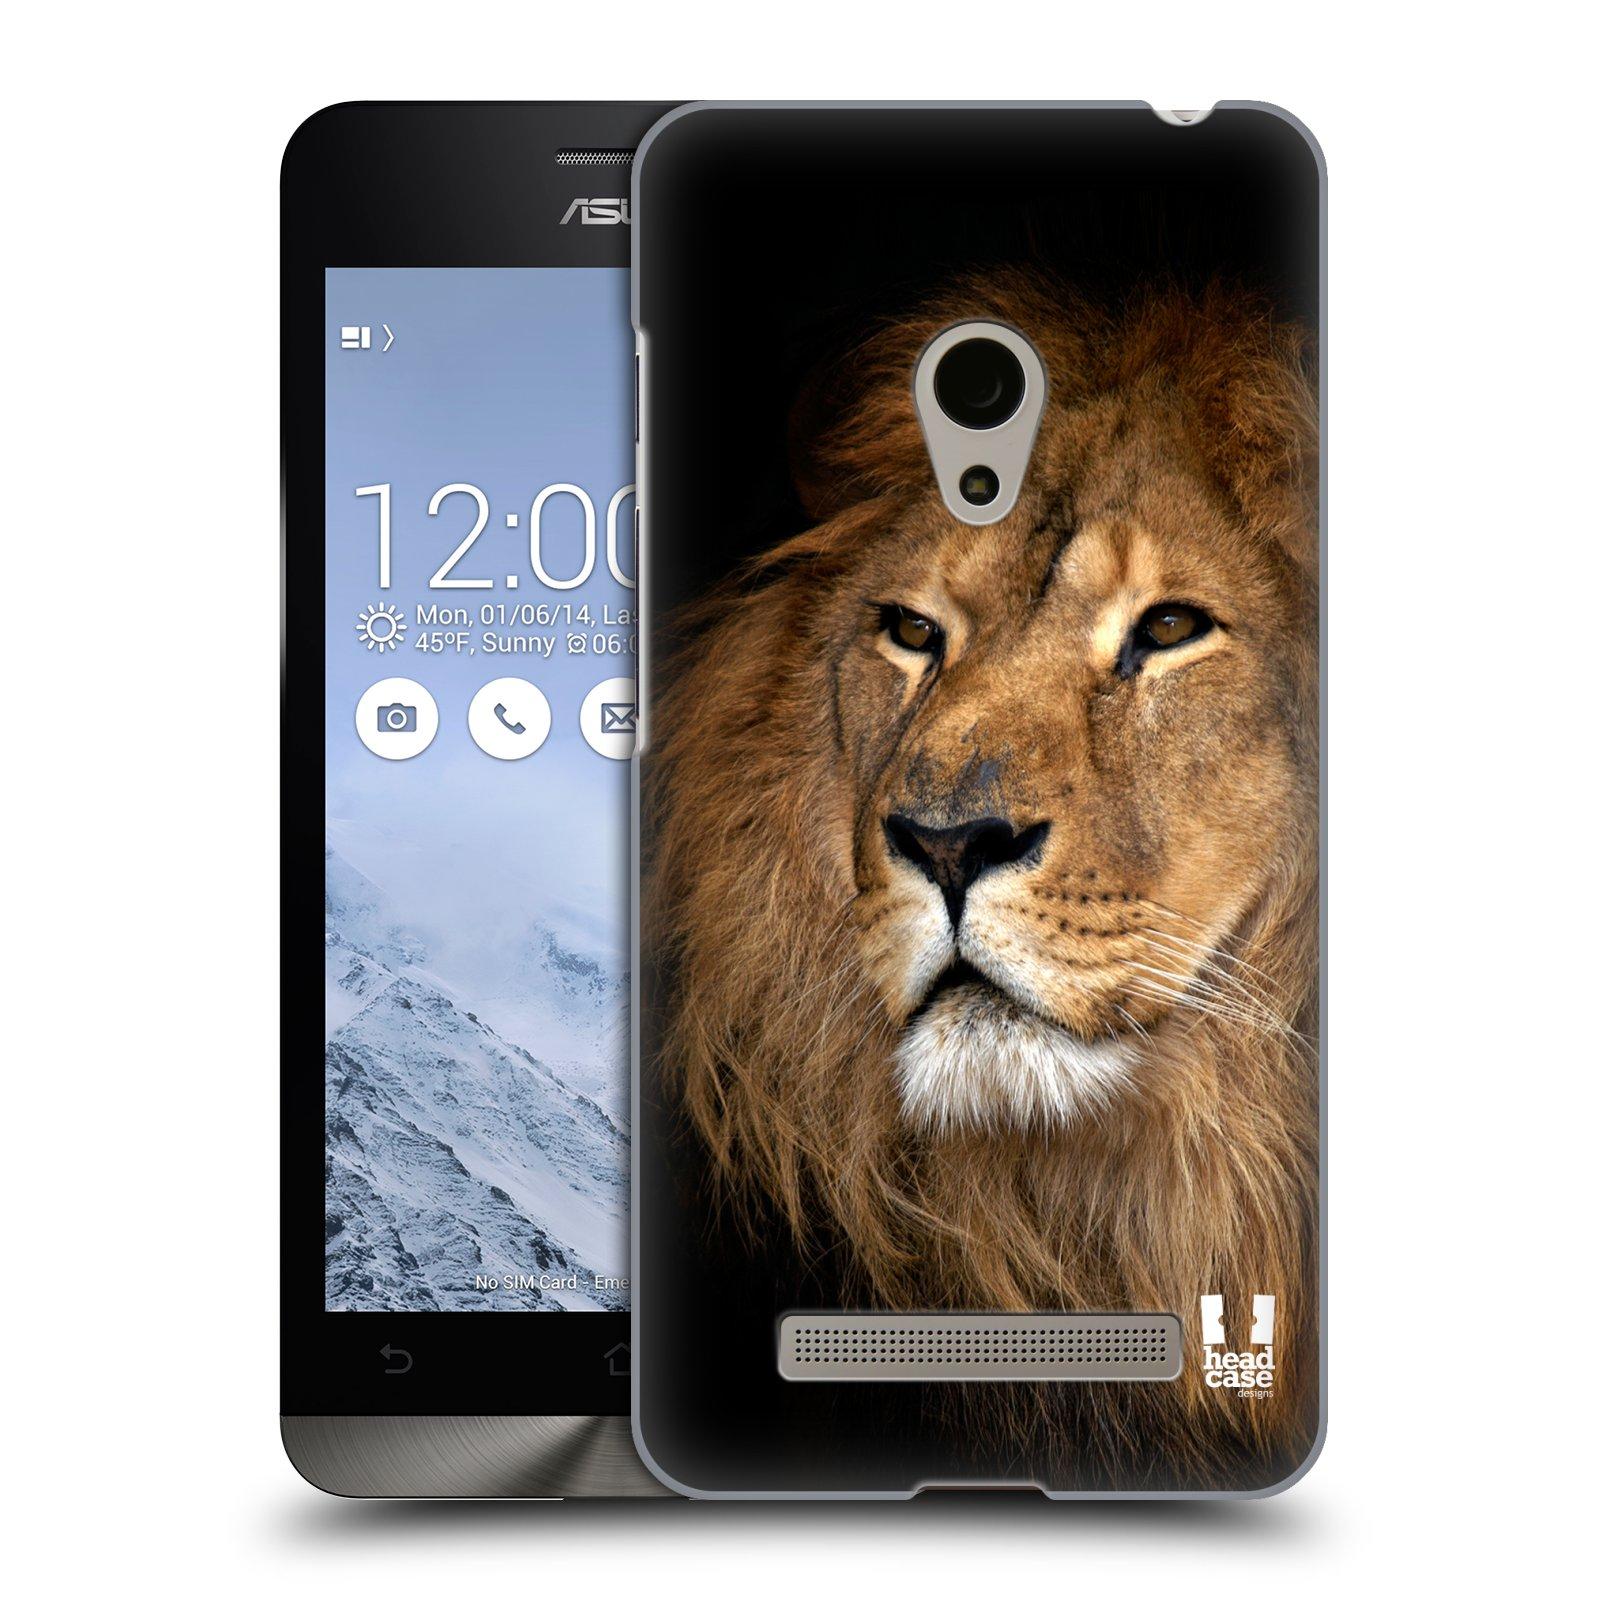 HEAD CASE plastový obal na mobil Asus Zenfone 5 vzor Divočina, Divoký život a zvířata foto LEV KRÁL ZVÍŘAT